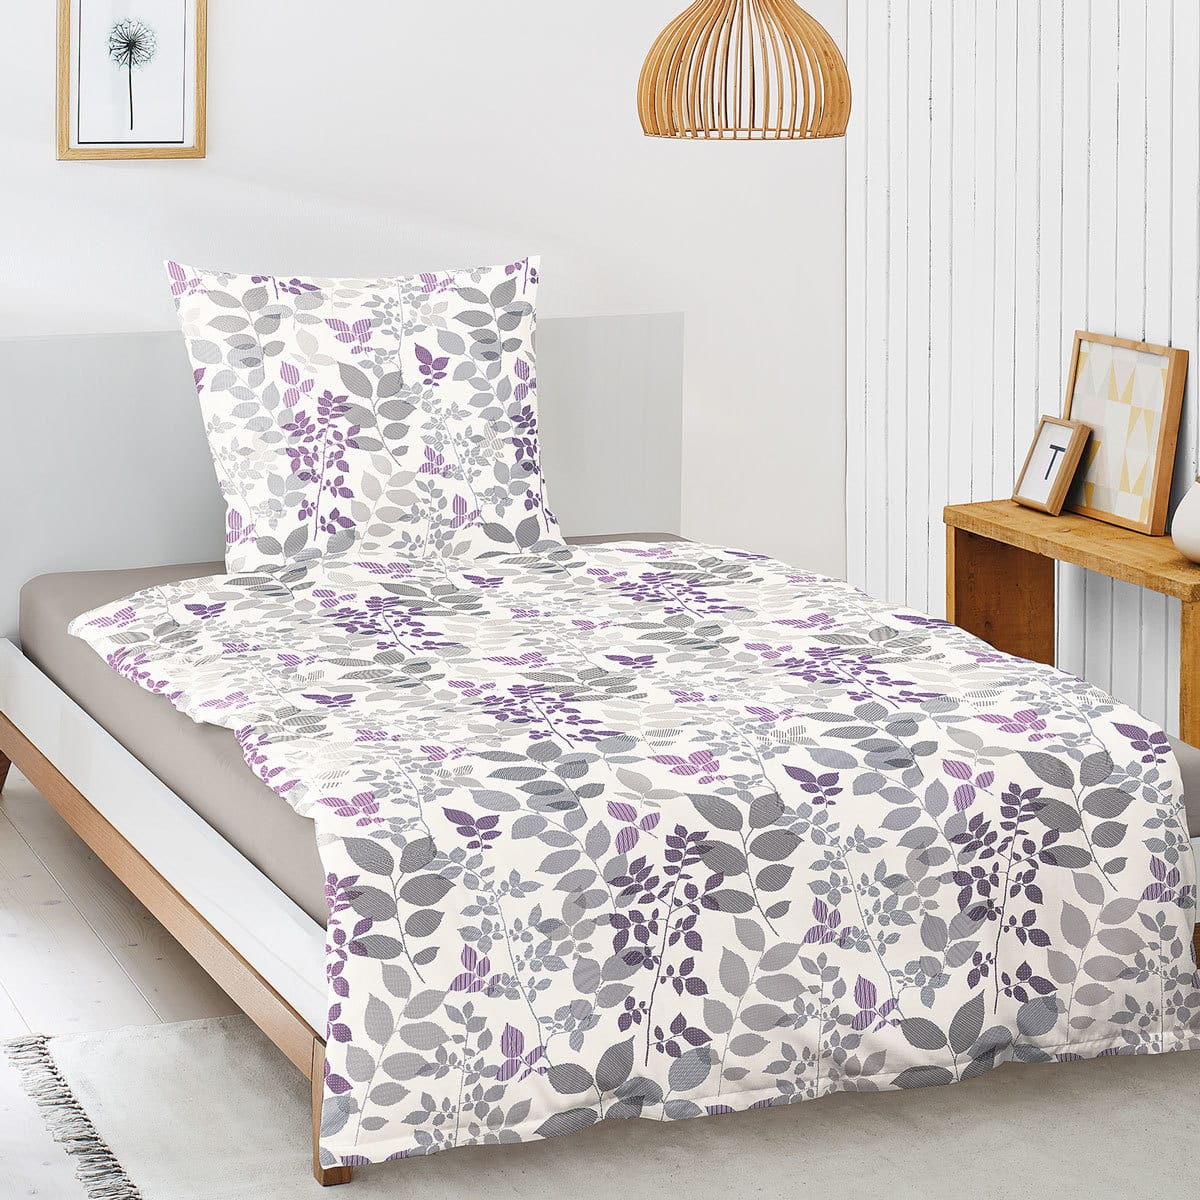 irisette jersey bettw sche luna 8053 20 g nstig online kaufen bei bettwaren shop. Black Bedroom Furniture Sets. Home Design Ideas